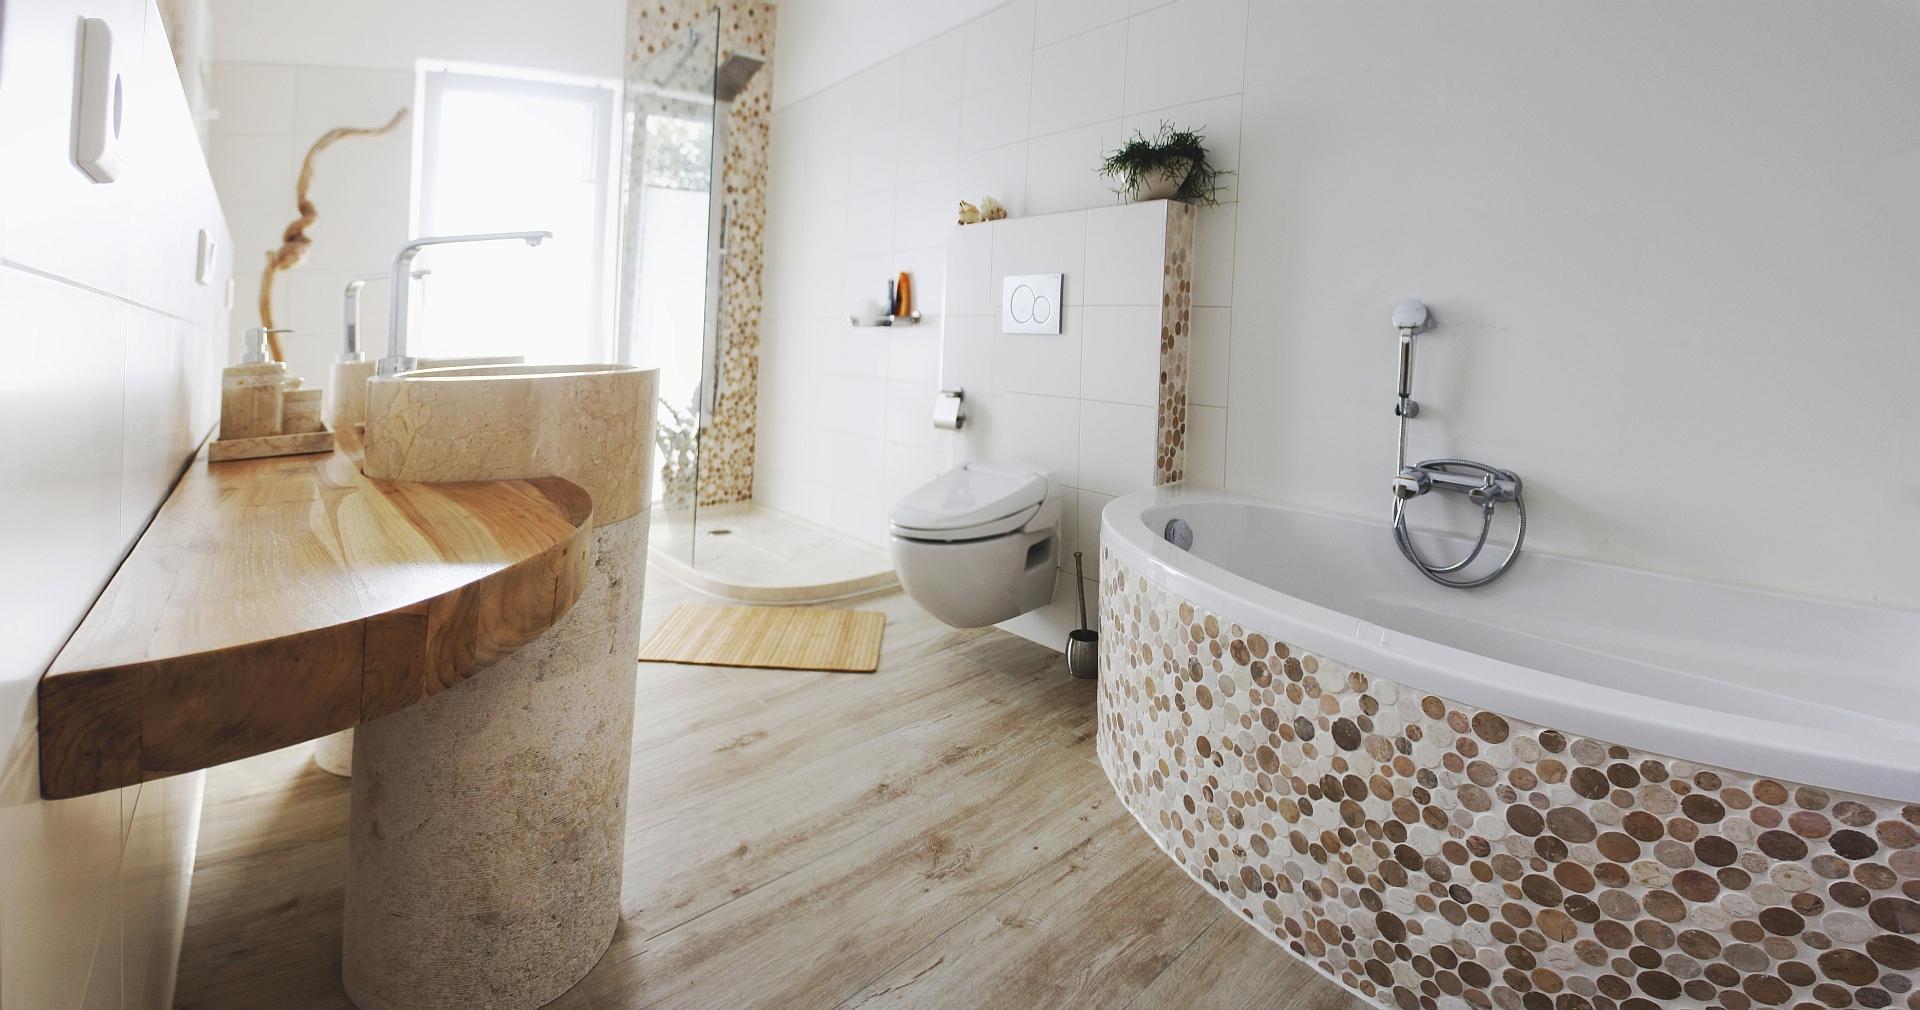 Badezimmer Mosaik | Bnbnews.co Badezimmer Ideen Mosaik